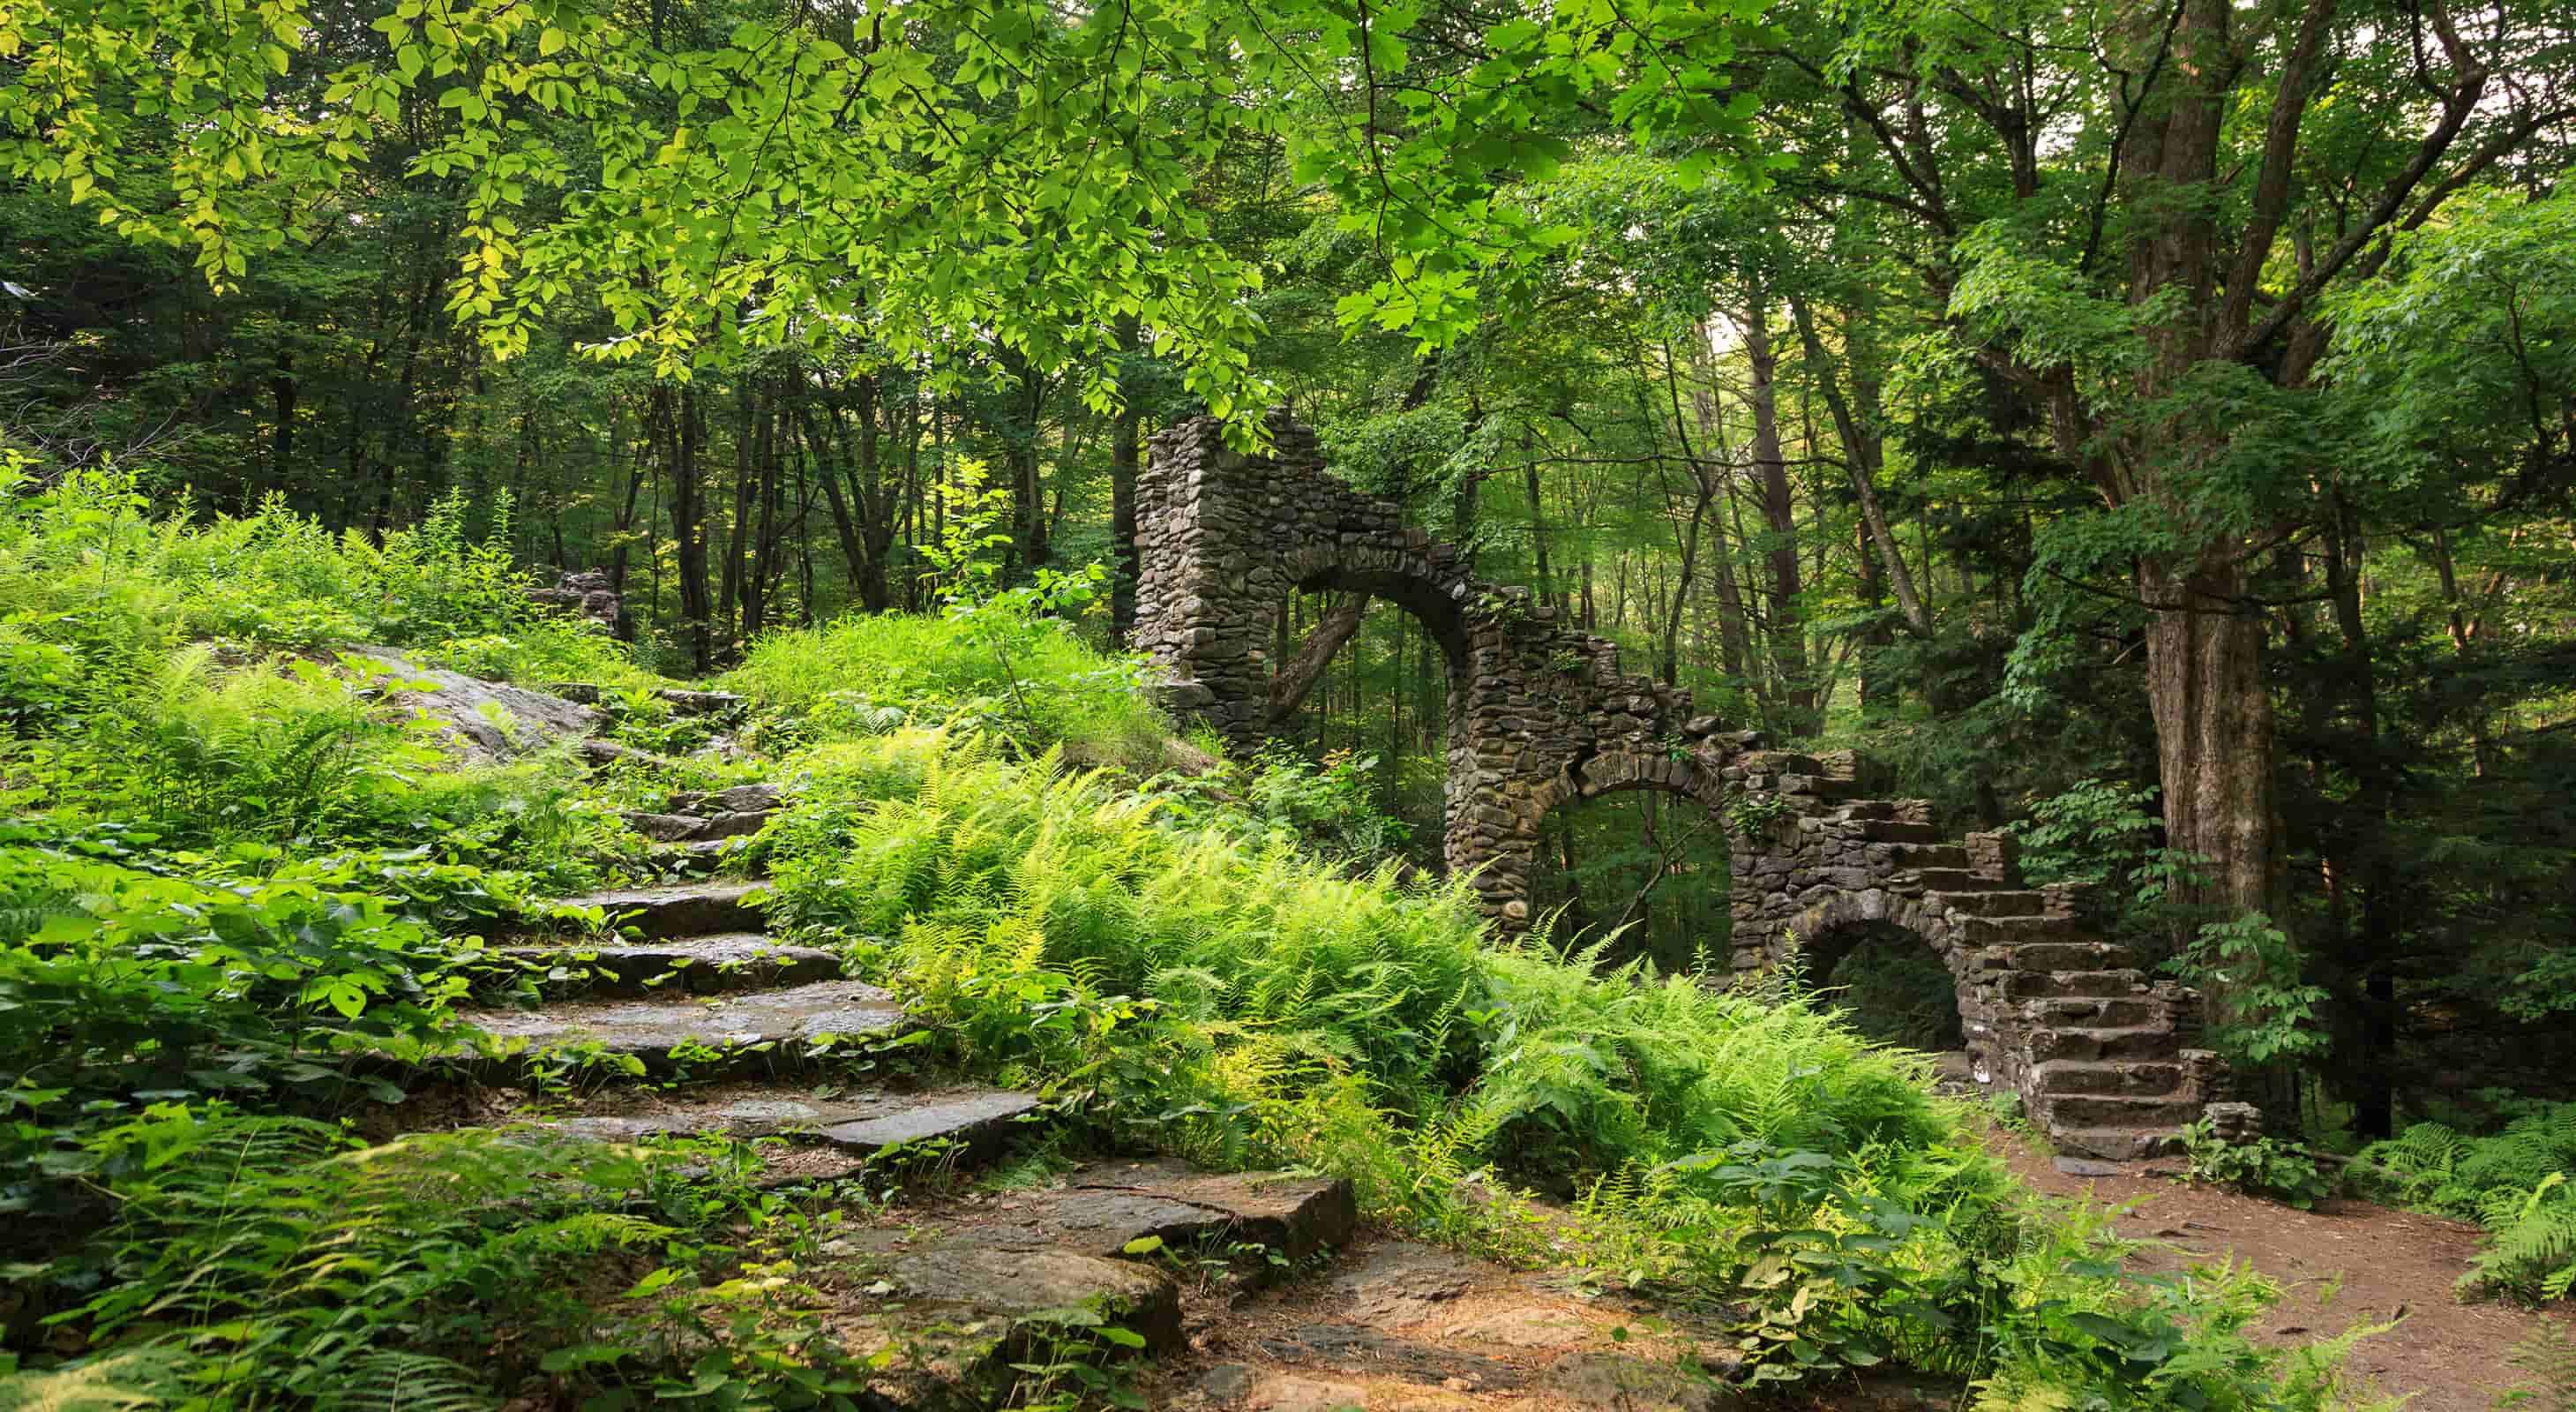 Ann Stokes Trail